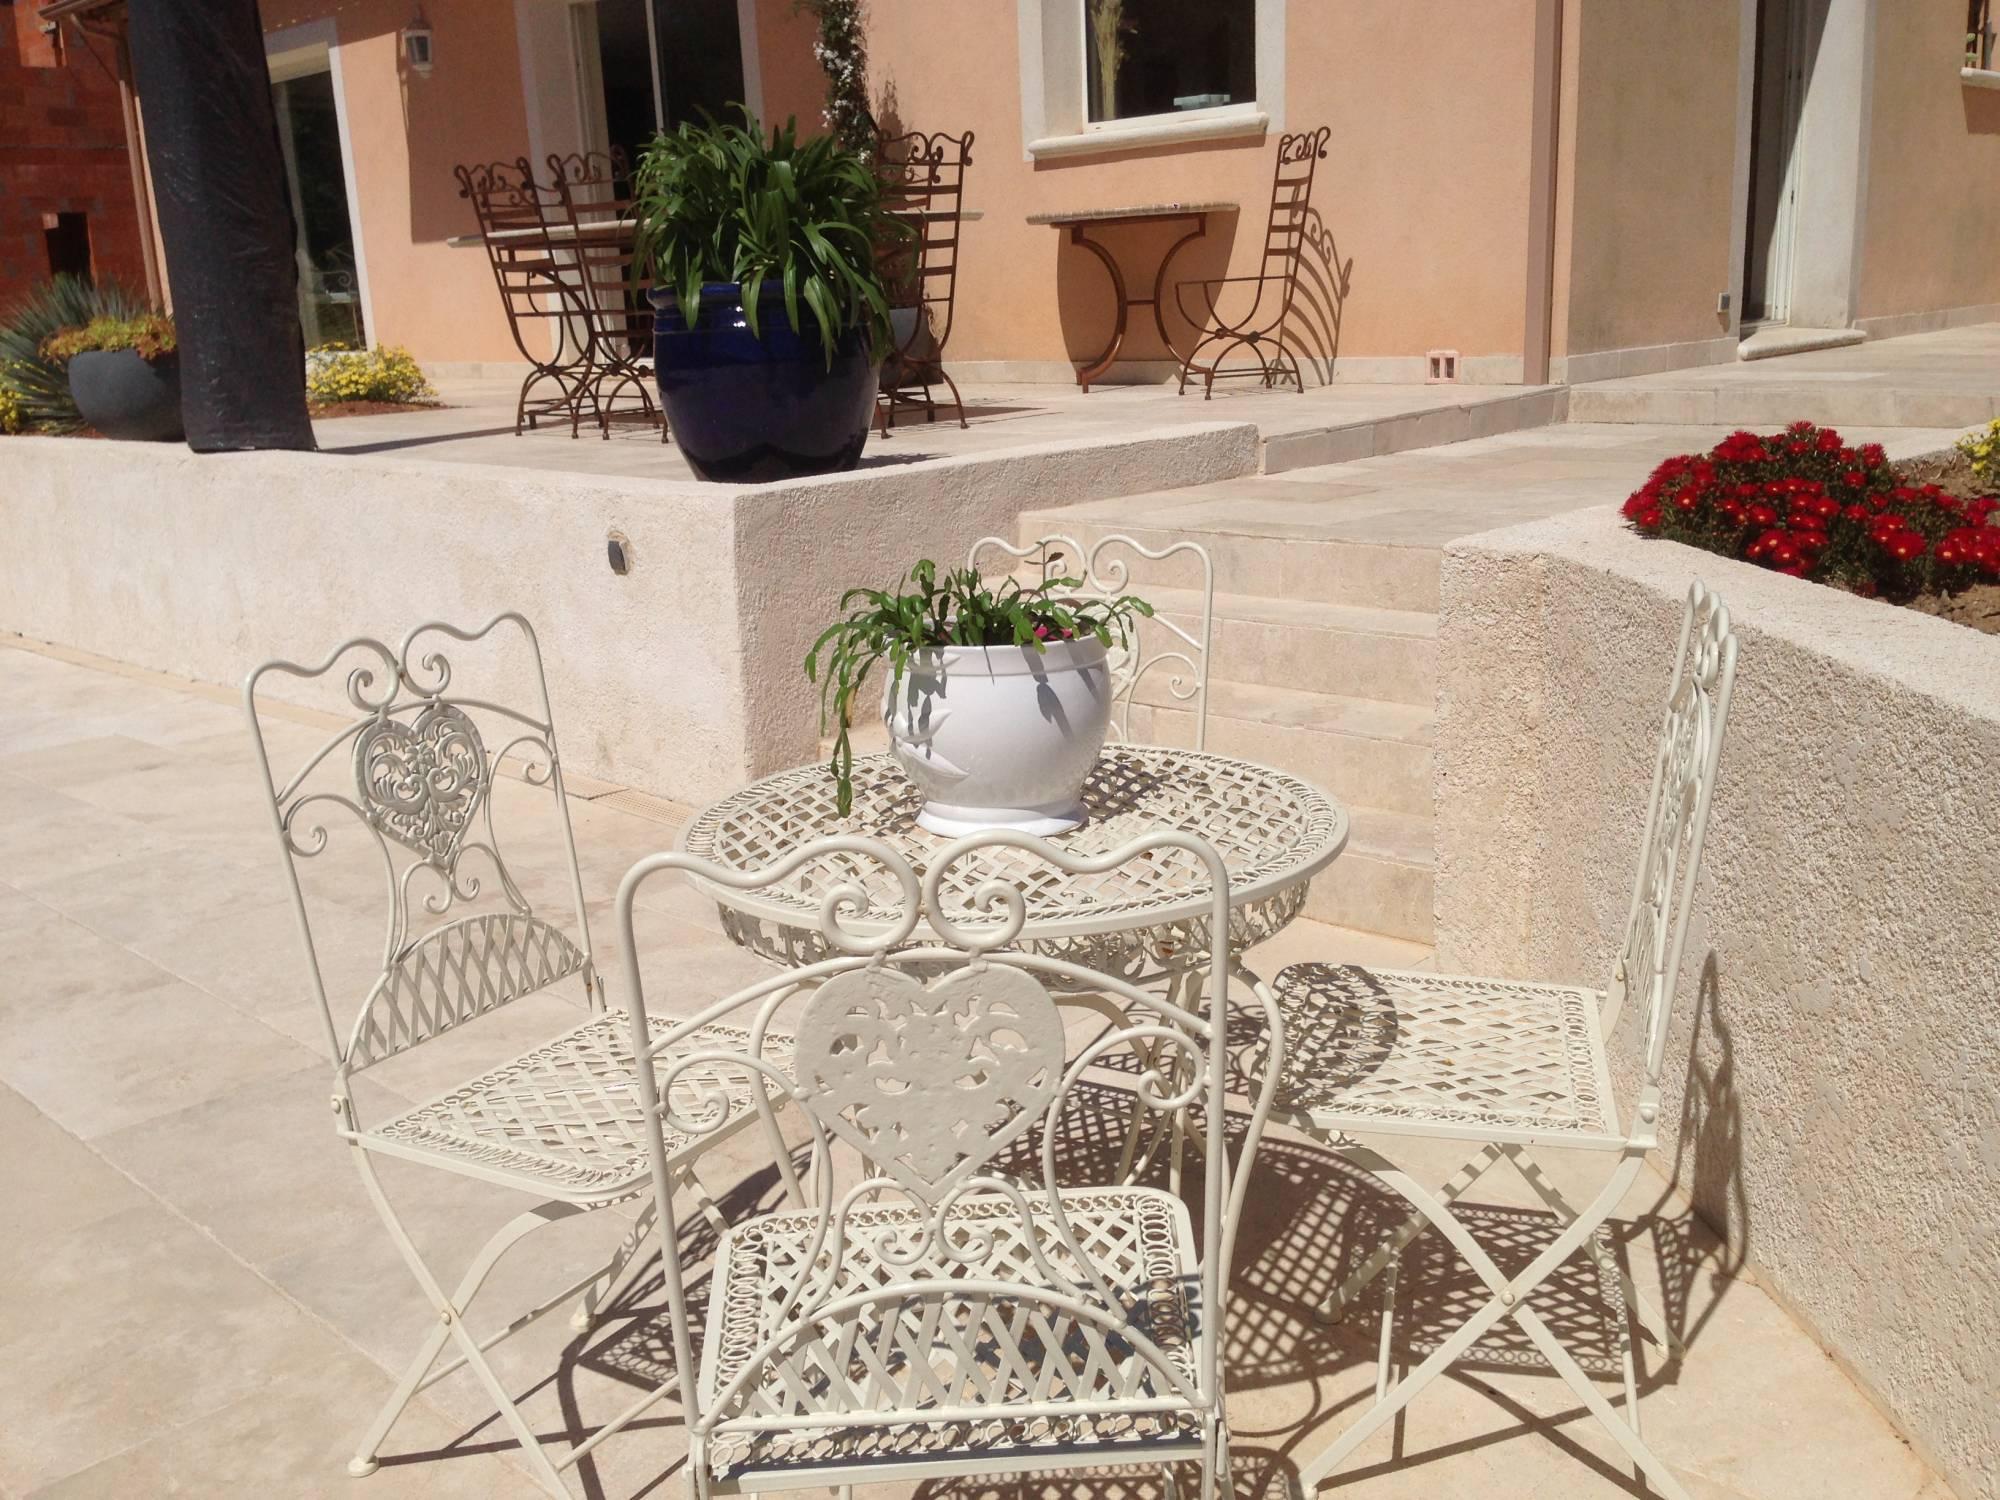 terrasse en travertin clair 40x60 puyricard 13540 carrelage int rieur et ext rieur eguilles. Black Bedroom Furniture Sets. Home Design Ideas